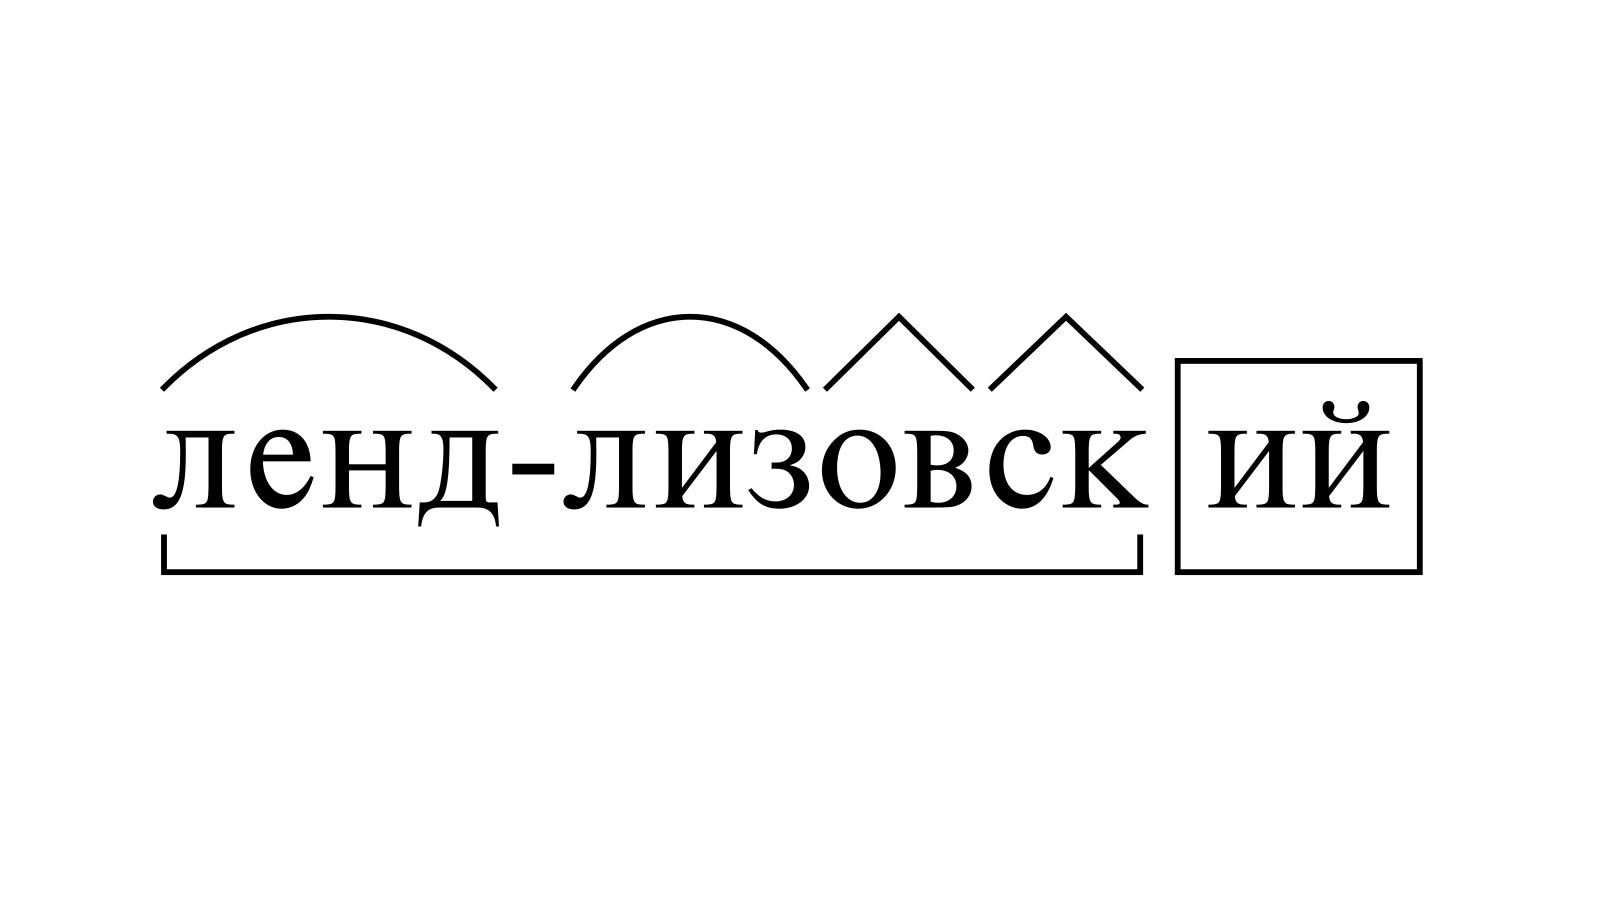 Разбор слова «ленд-лизовский» по составу